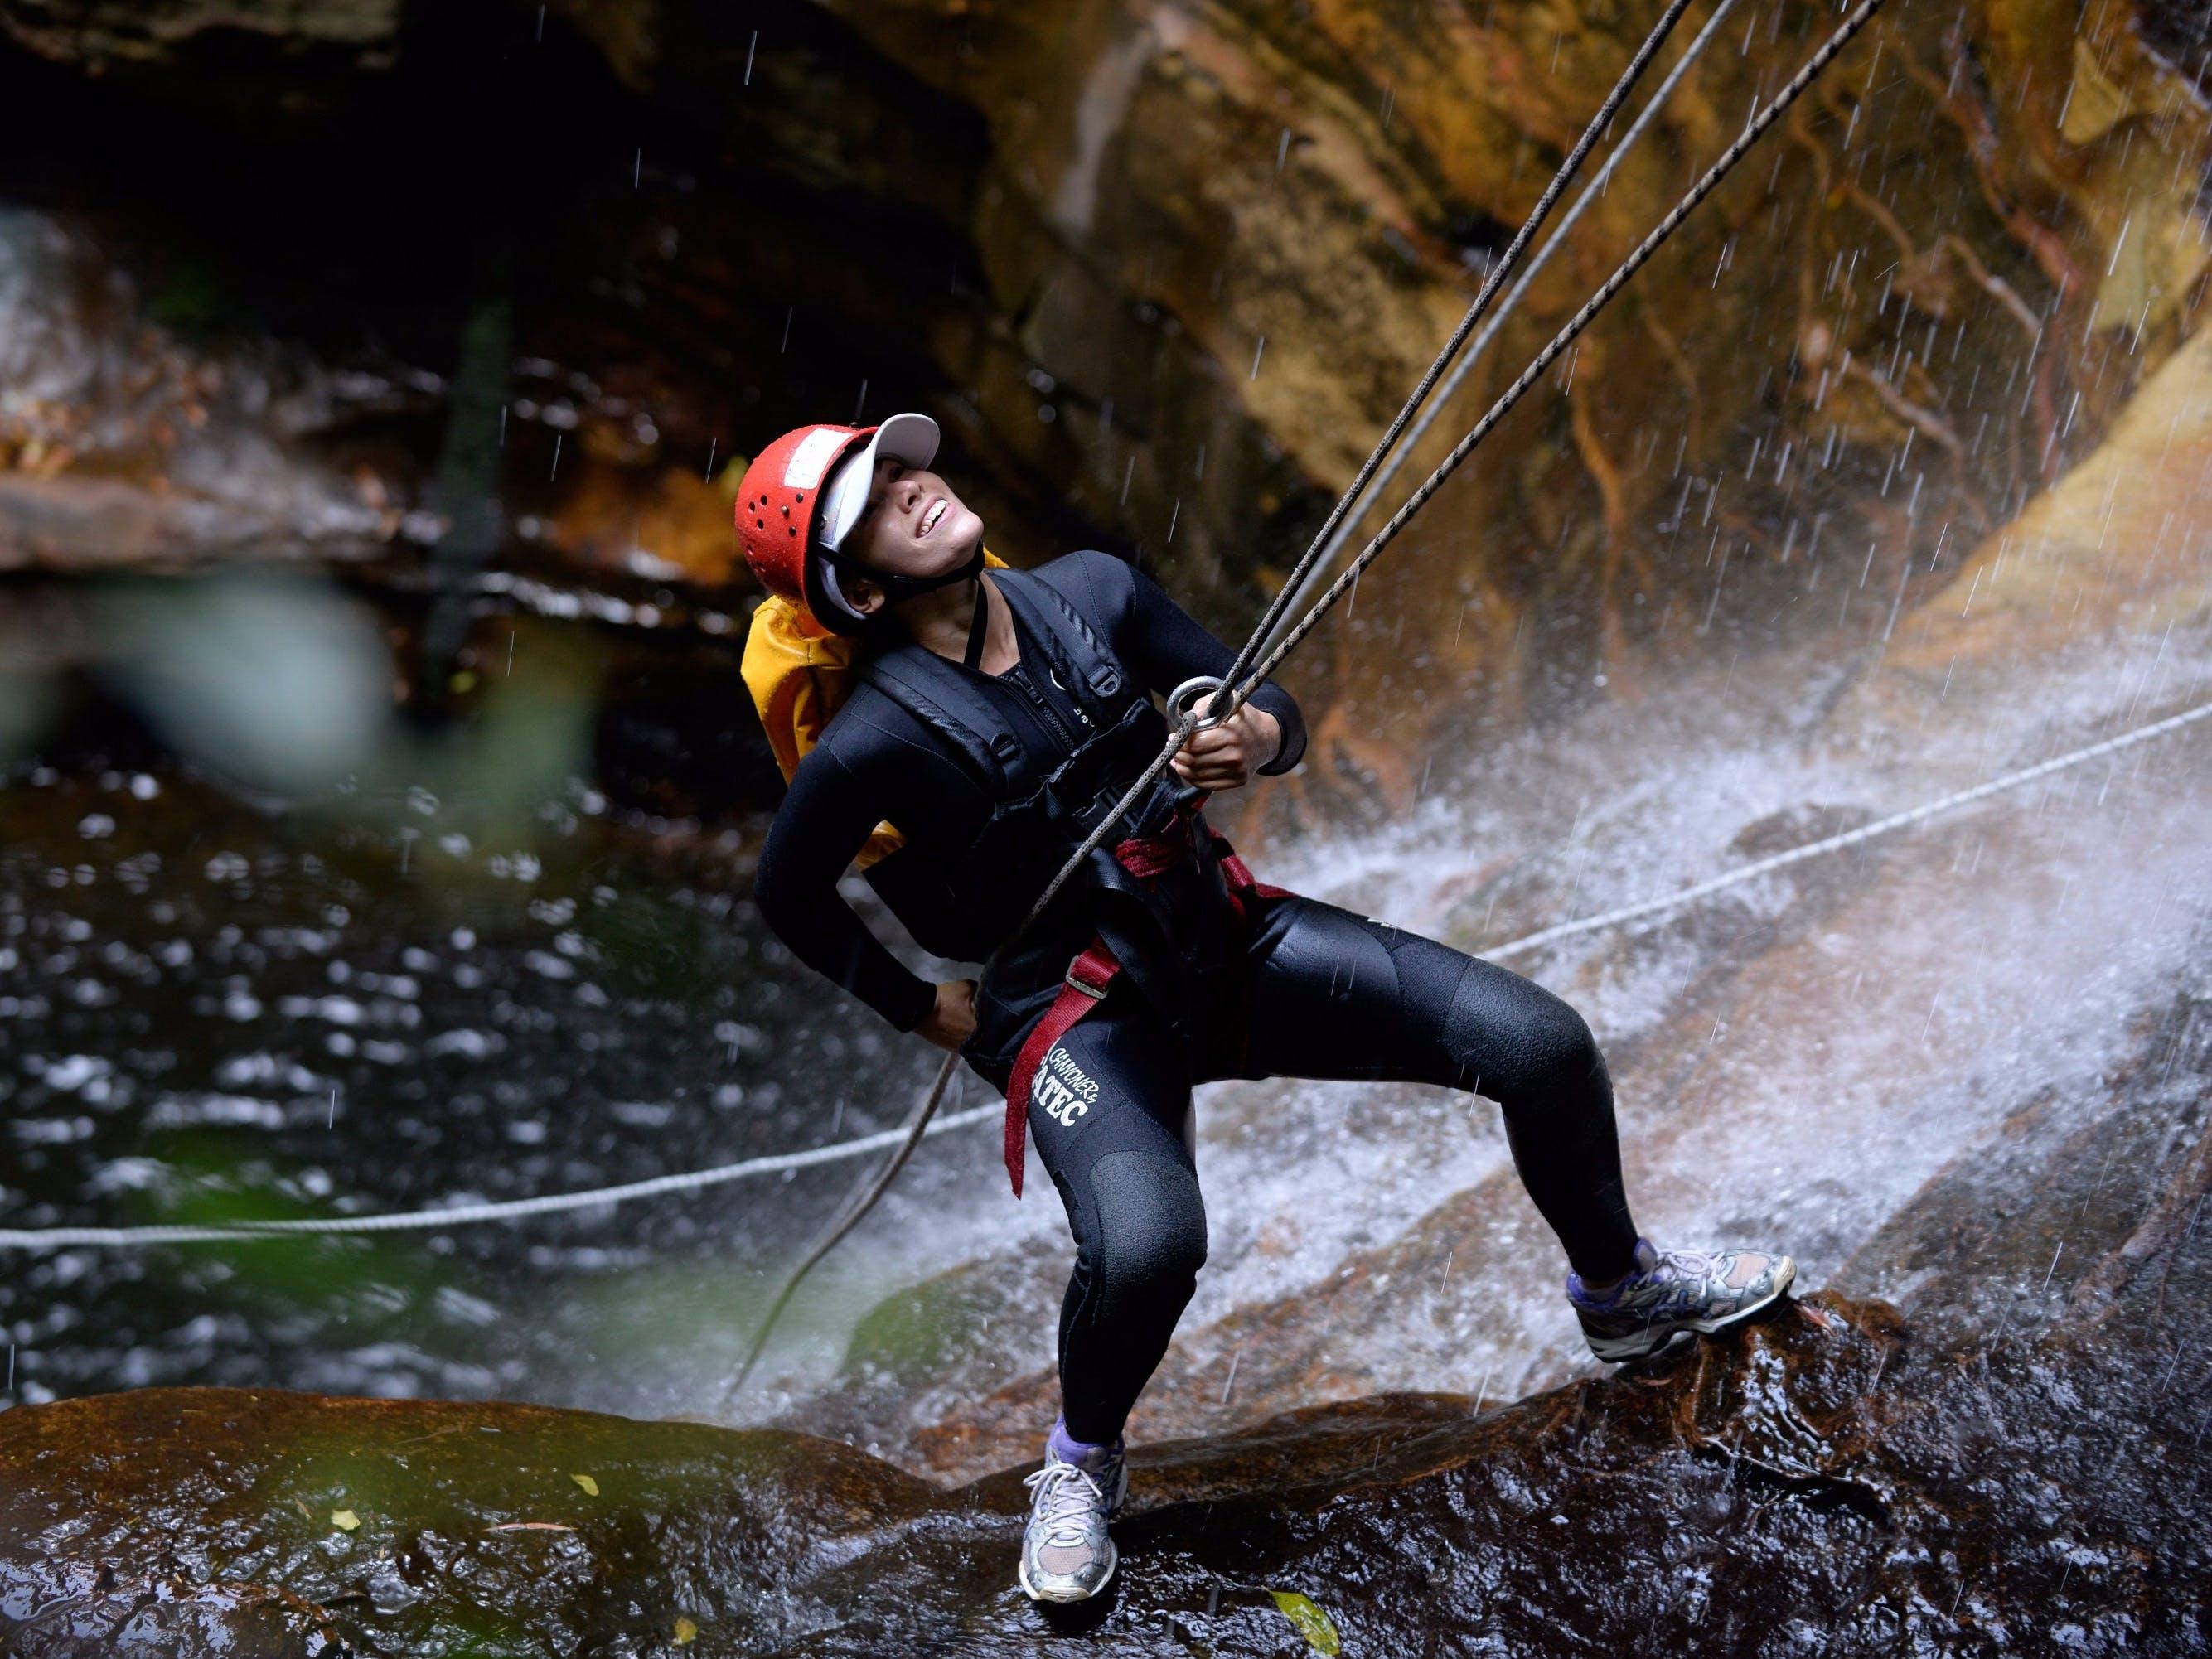 オーストラリアンのエンプレス・フォールズ(シドニーから1時間西)で滝のアブセイリング